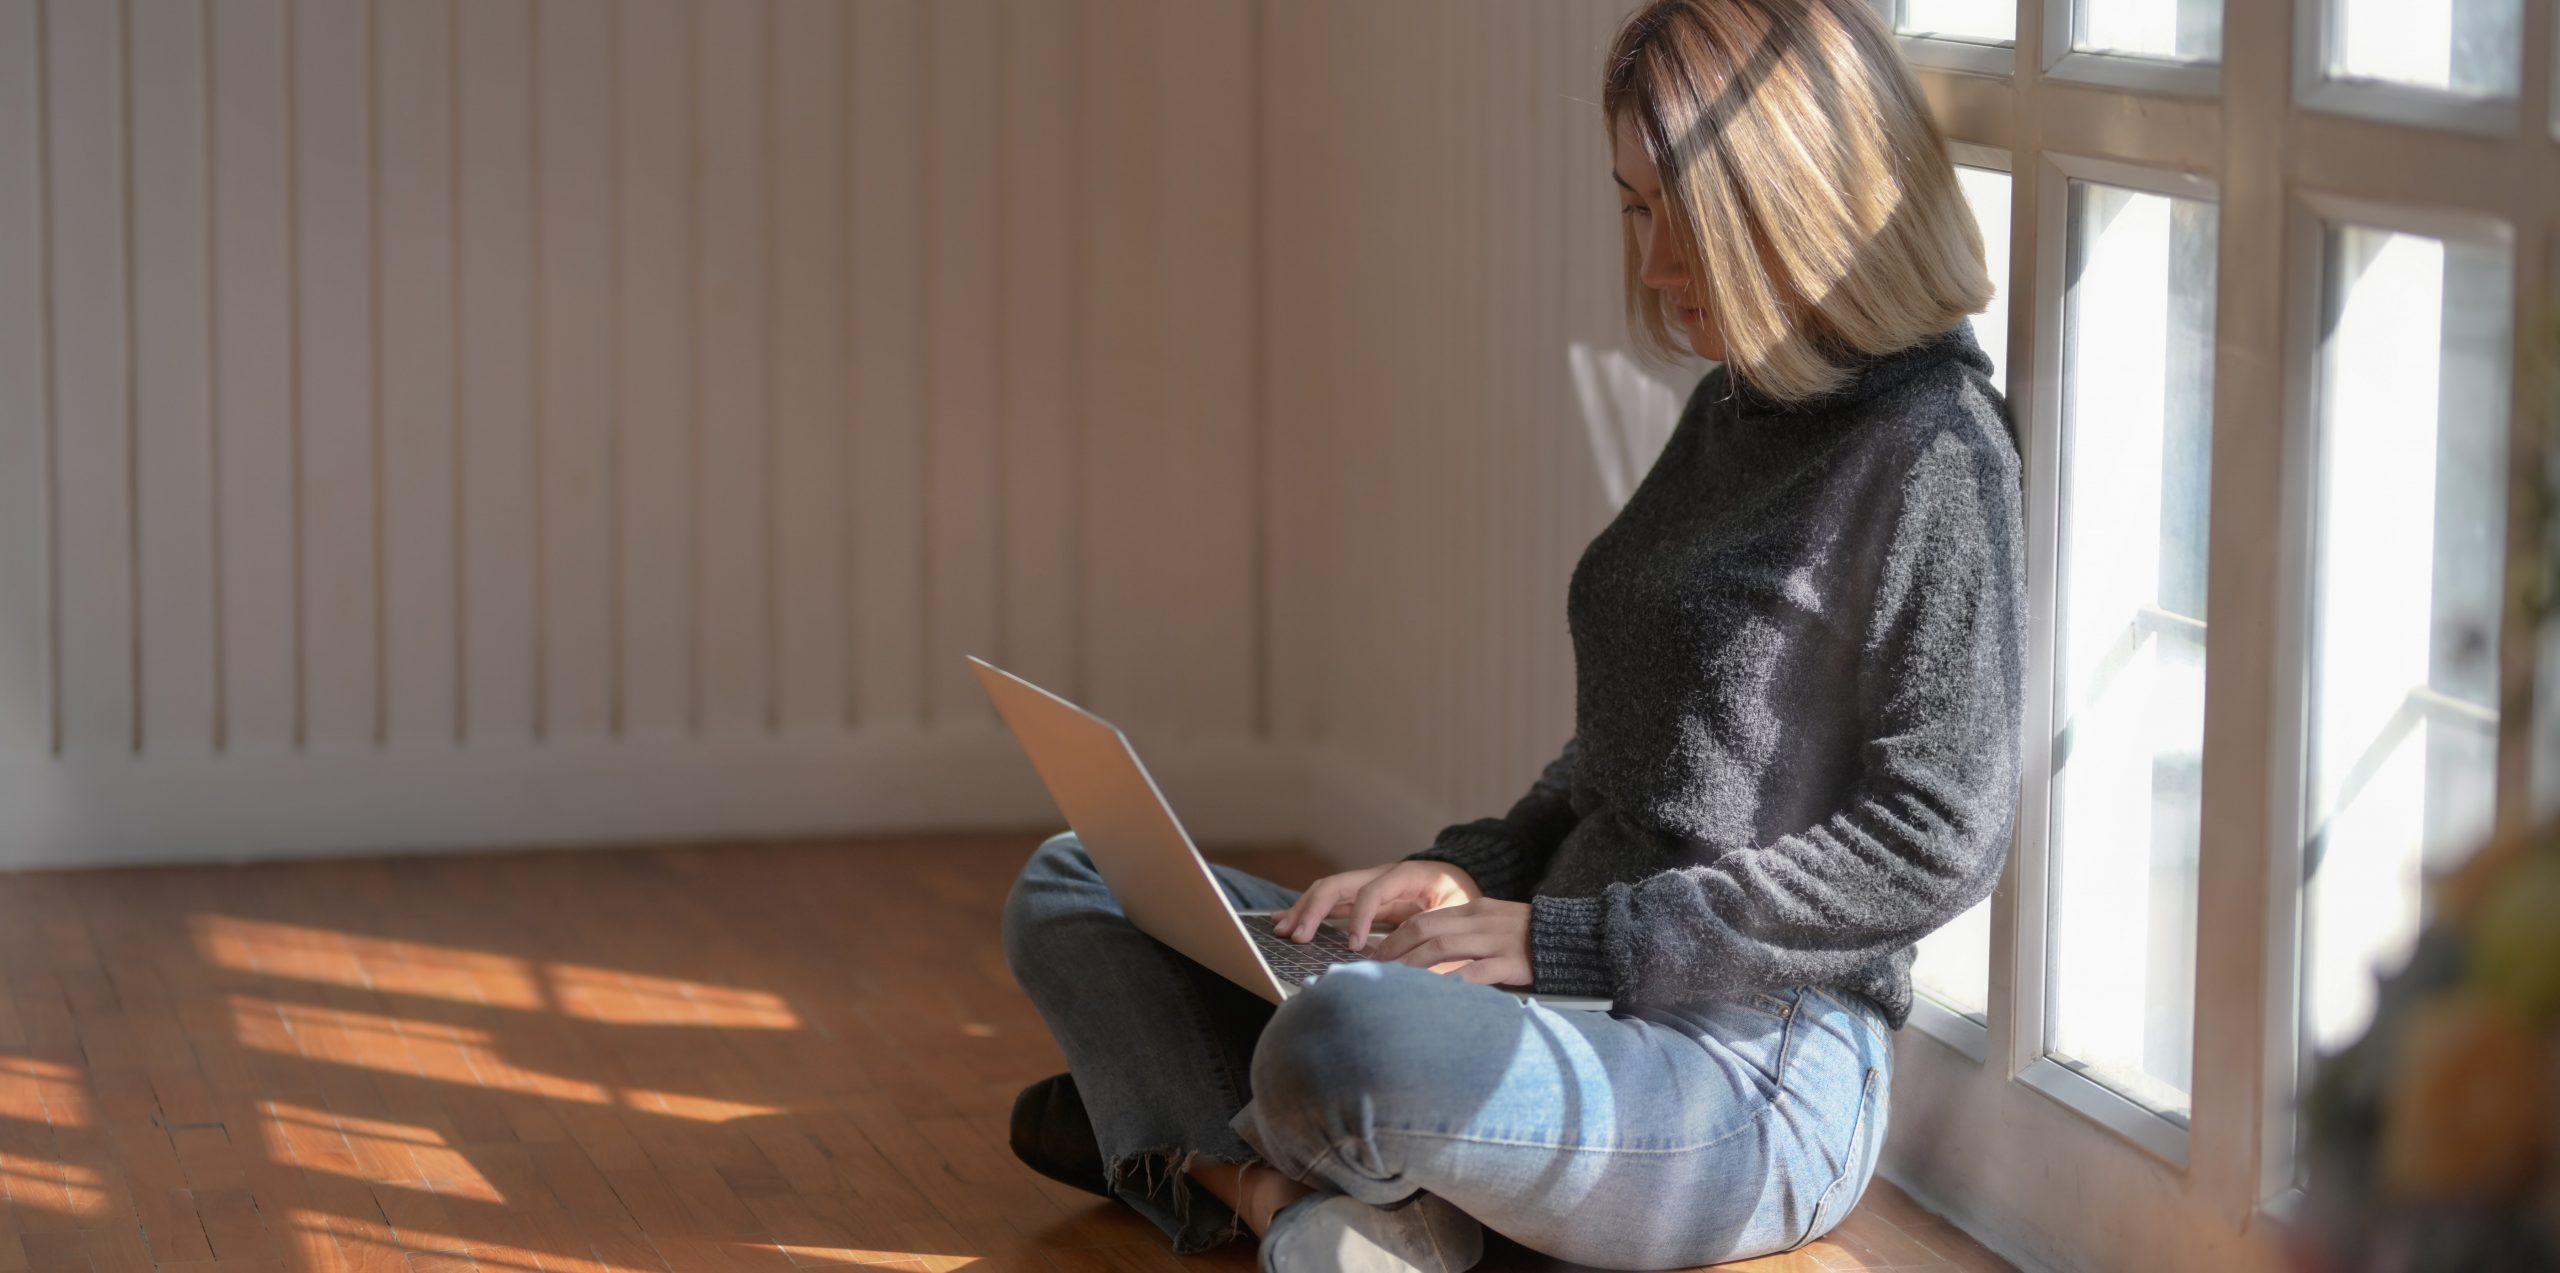 Κοπέλα κάθεται στο πάτωμα μαζί με το λαπτοπ της